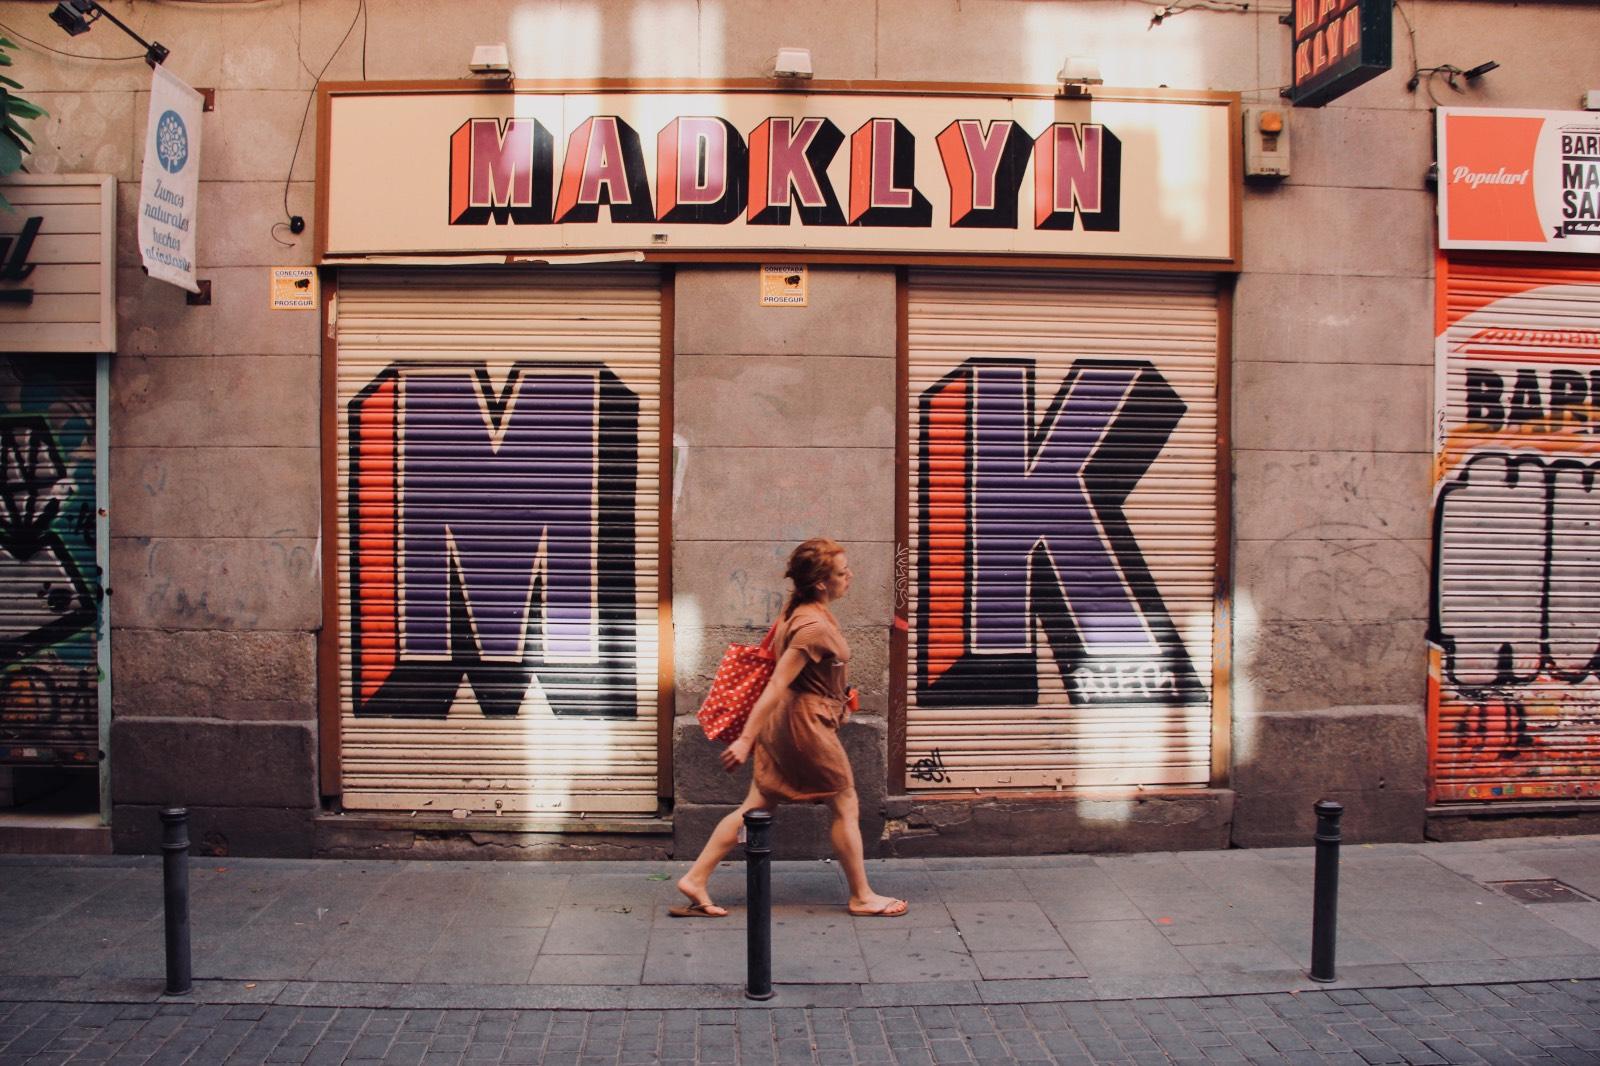 Un dia a Malasaña, Madrid